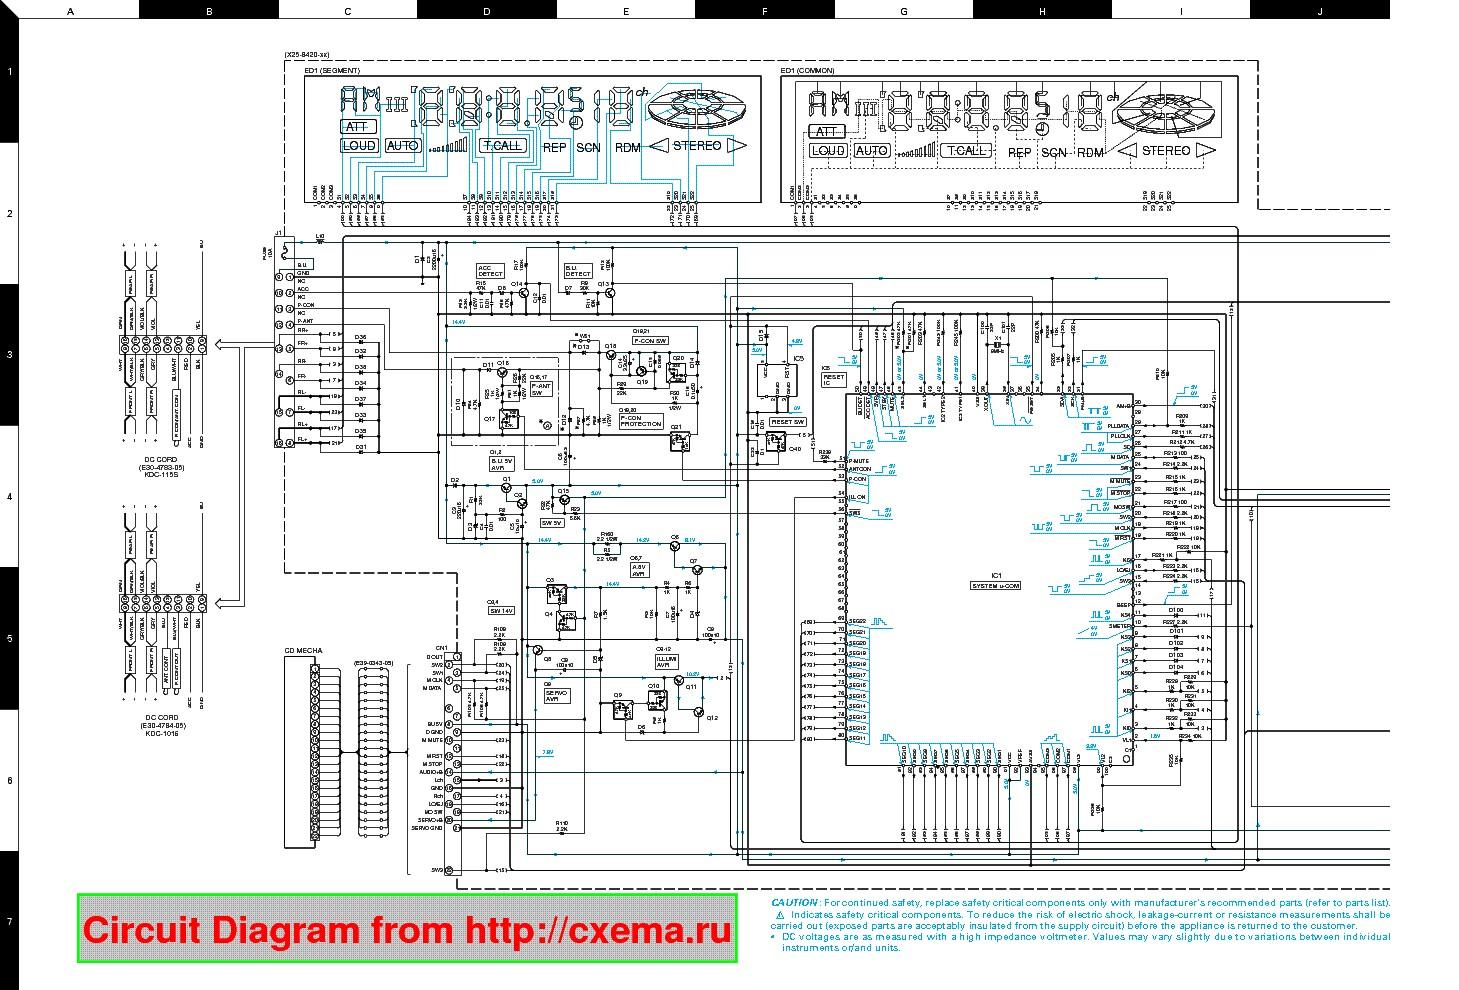 Me Wood Kdc-108 Cd Receiver Wiring Diagram Kenwood Kdc 108 Wiring Of Me Wood Kdc-108 Cd Receiver Wiring Diagram